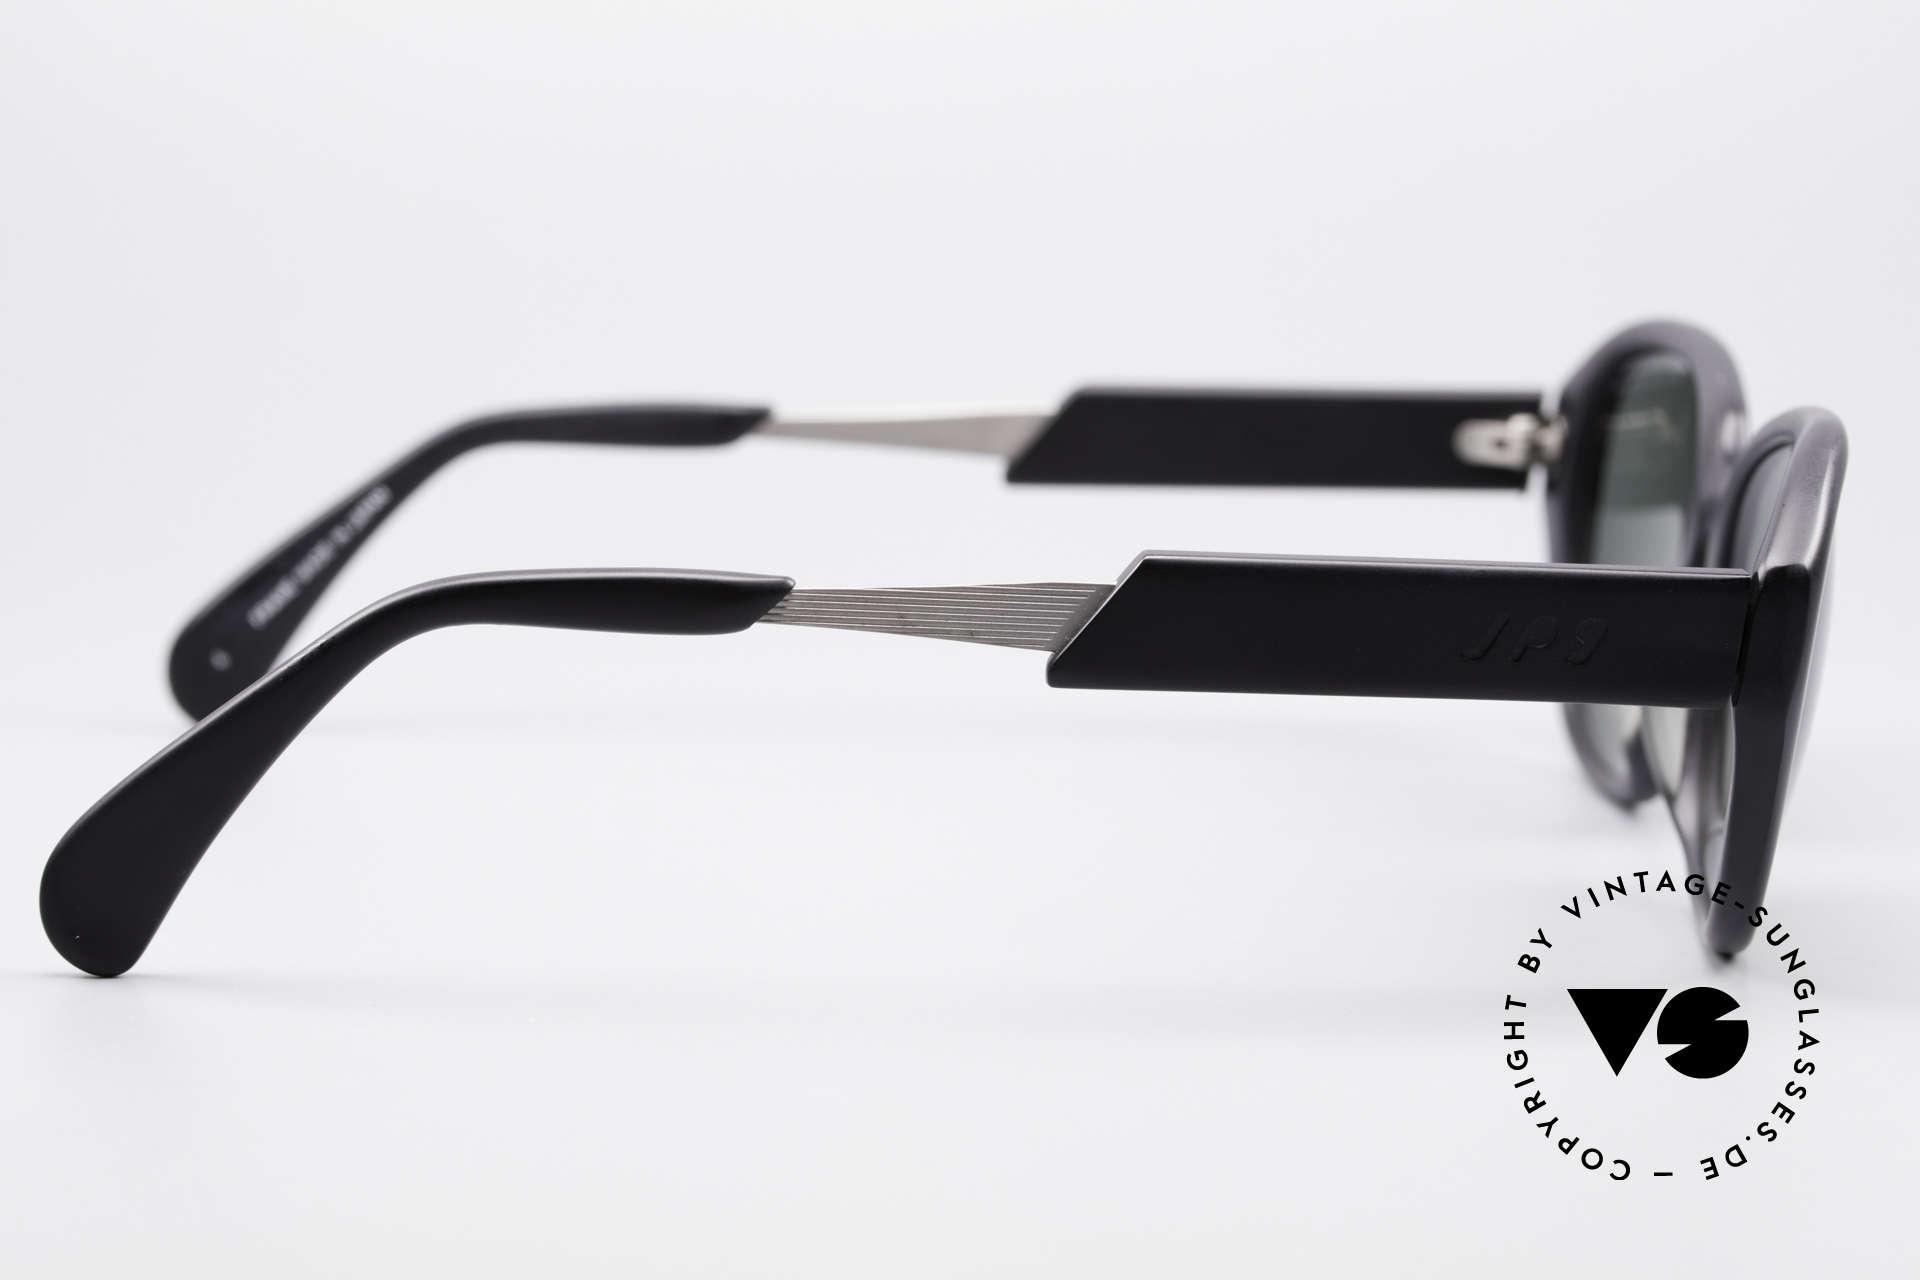 Jean Paul Gaultier 56-1072 Designer 90er Sonnenbrille, die Sonnengläser können ggf. beliebig ersetzt werden, Passend für Herren und Damen